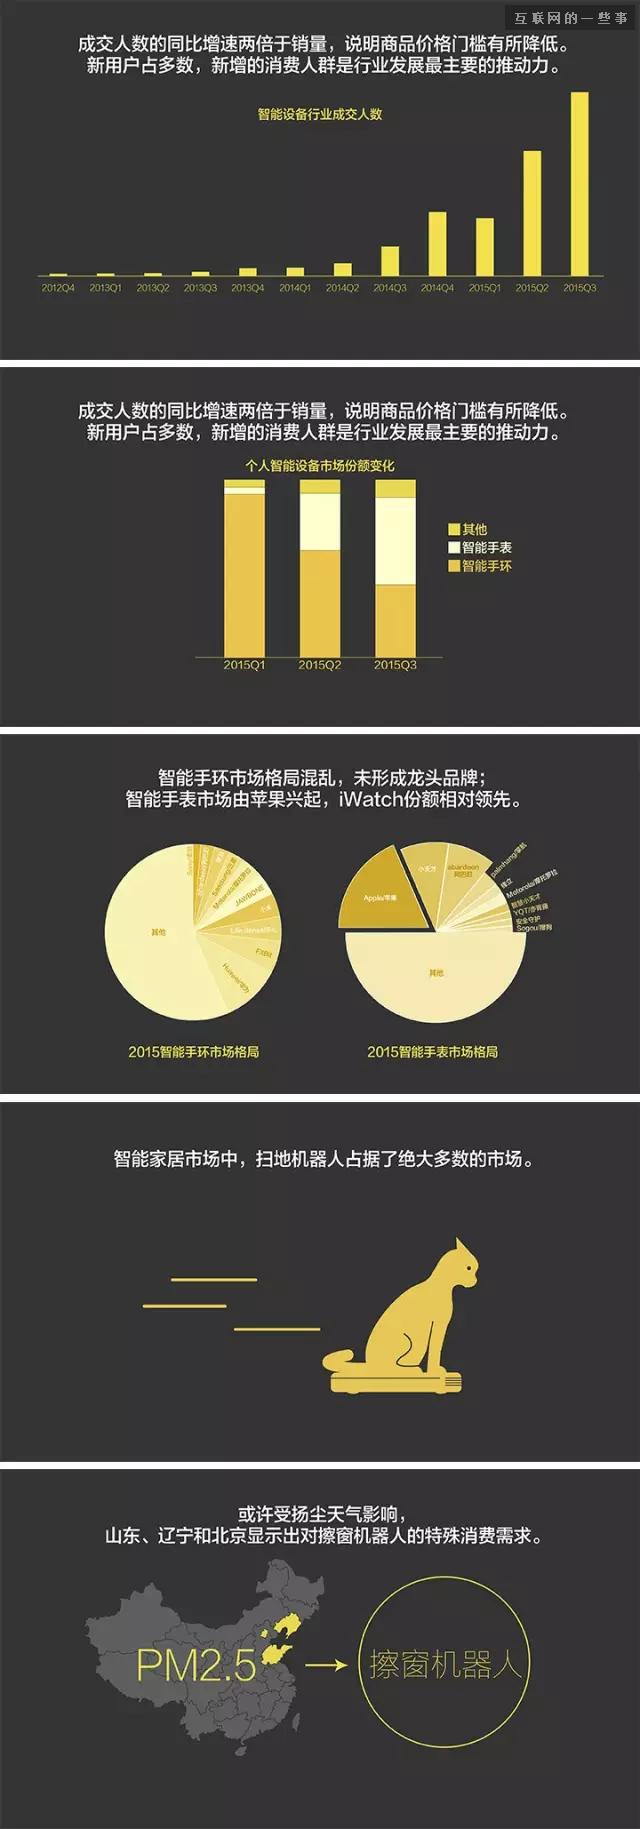 80页淘宝数据报告总结:中国人都在为什么买单?,互联网的一些事